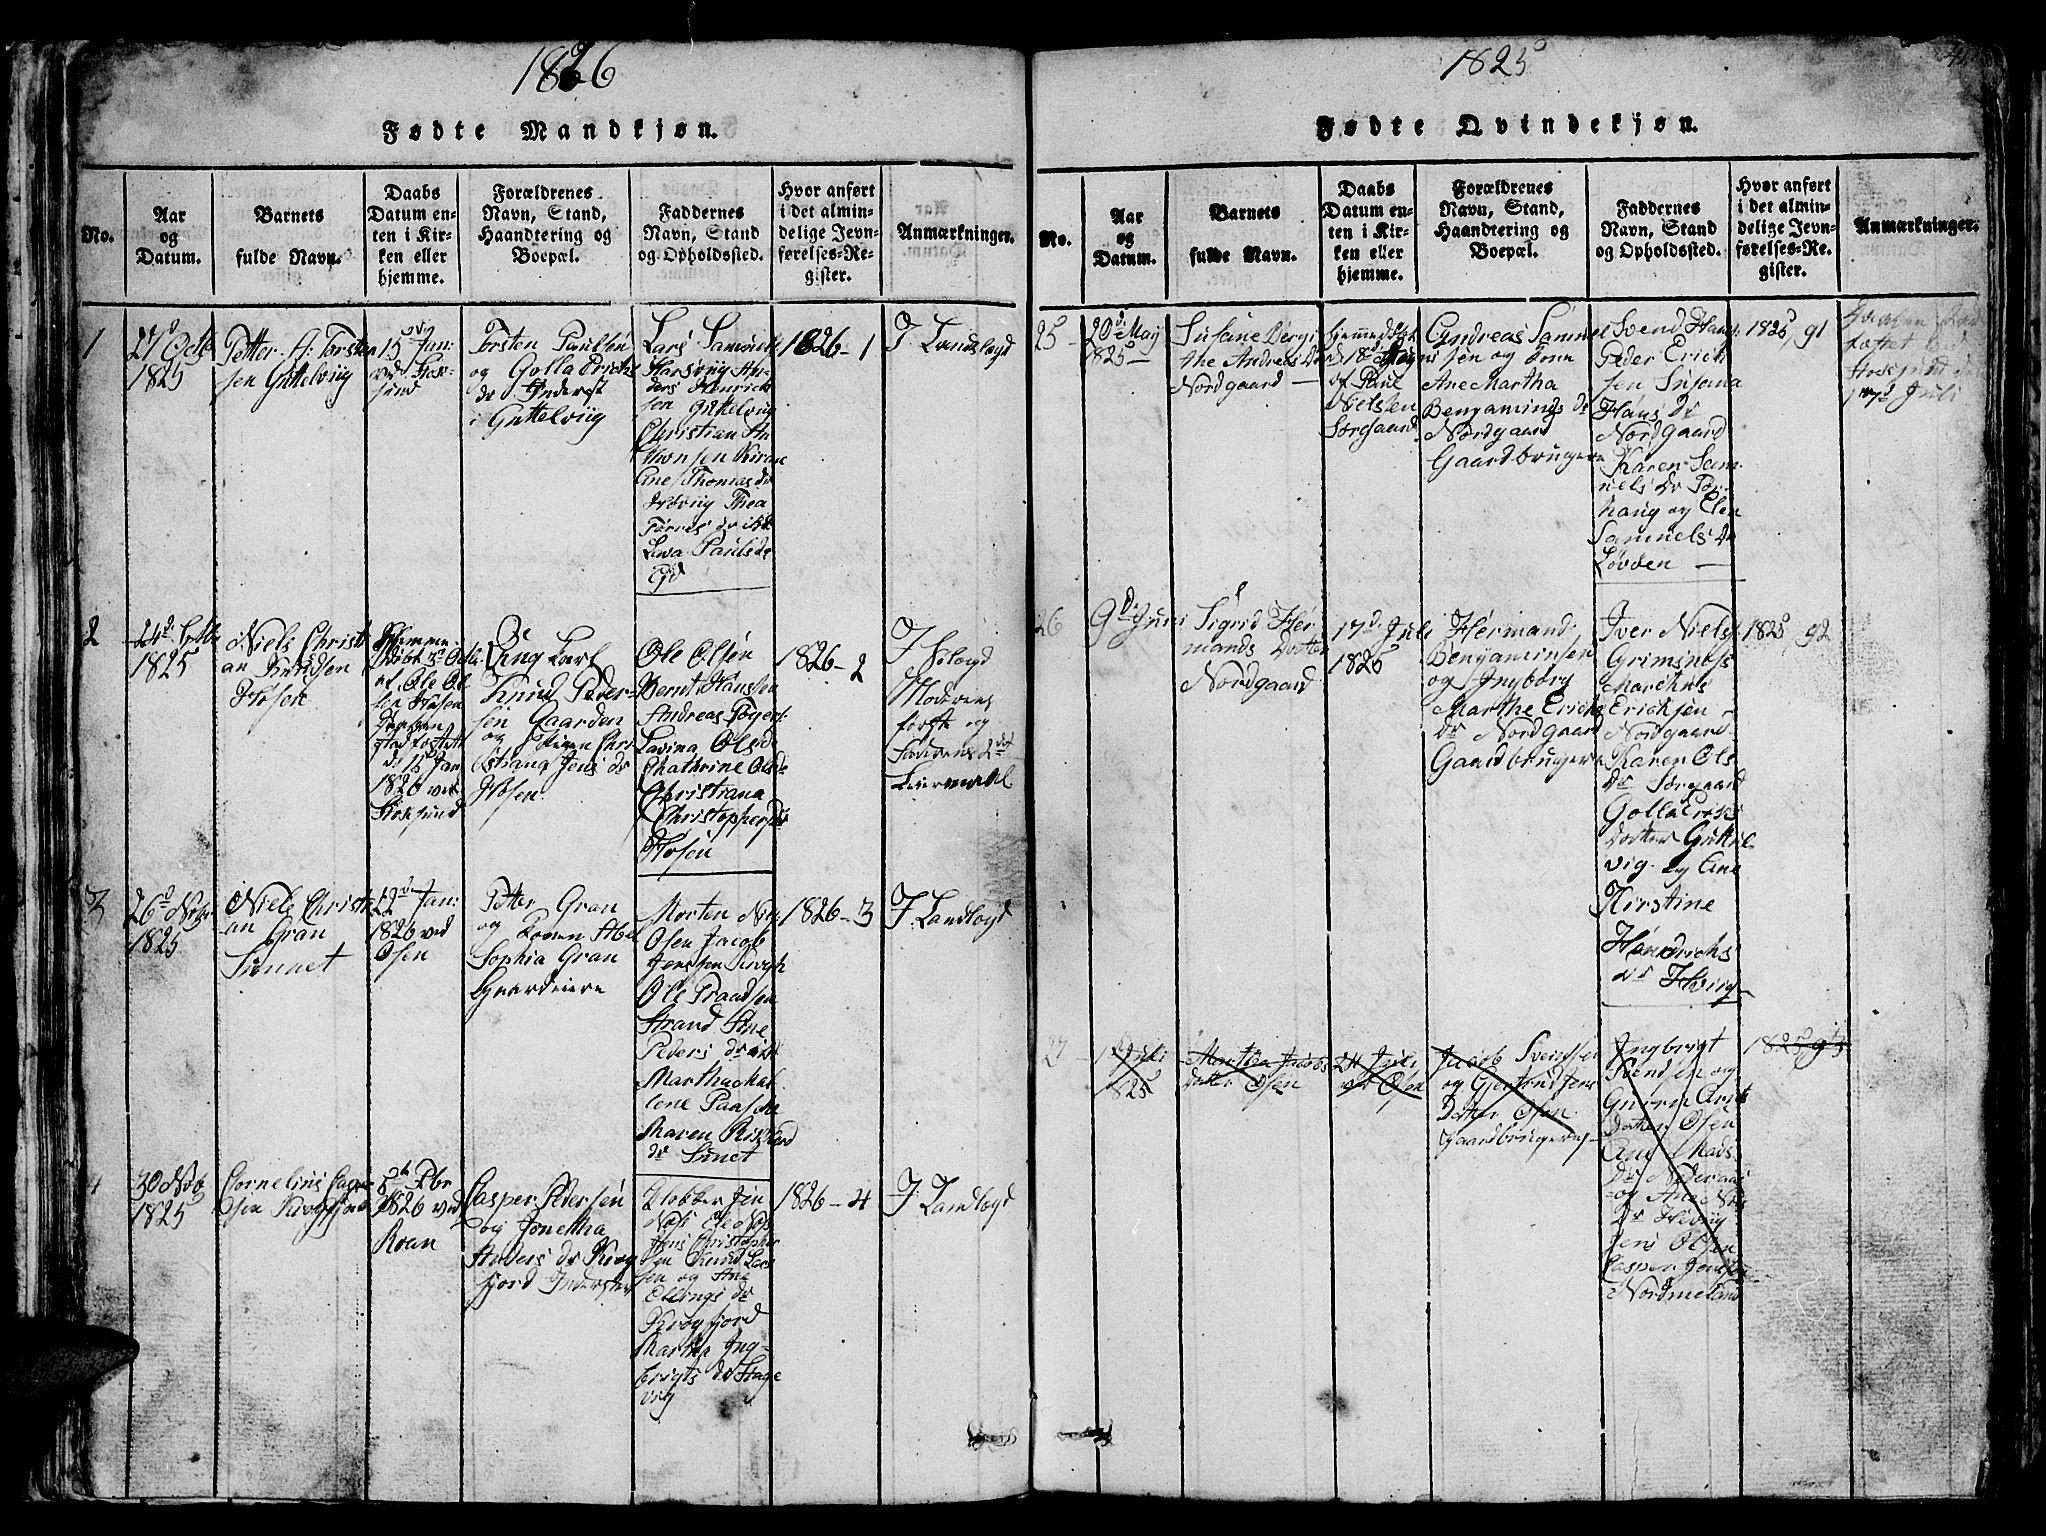 SAT, Ministerialprotokoller, klokkerbøker og fødselsregistre - Sør-Trøndelag, 657/L0714: Klokkerbok nr. 657C01, 1818-1868, s. 41